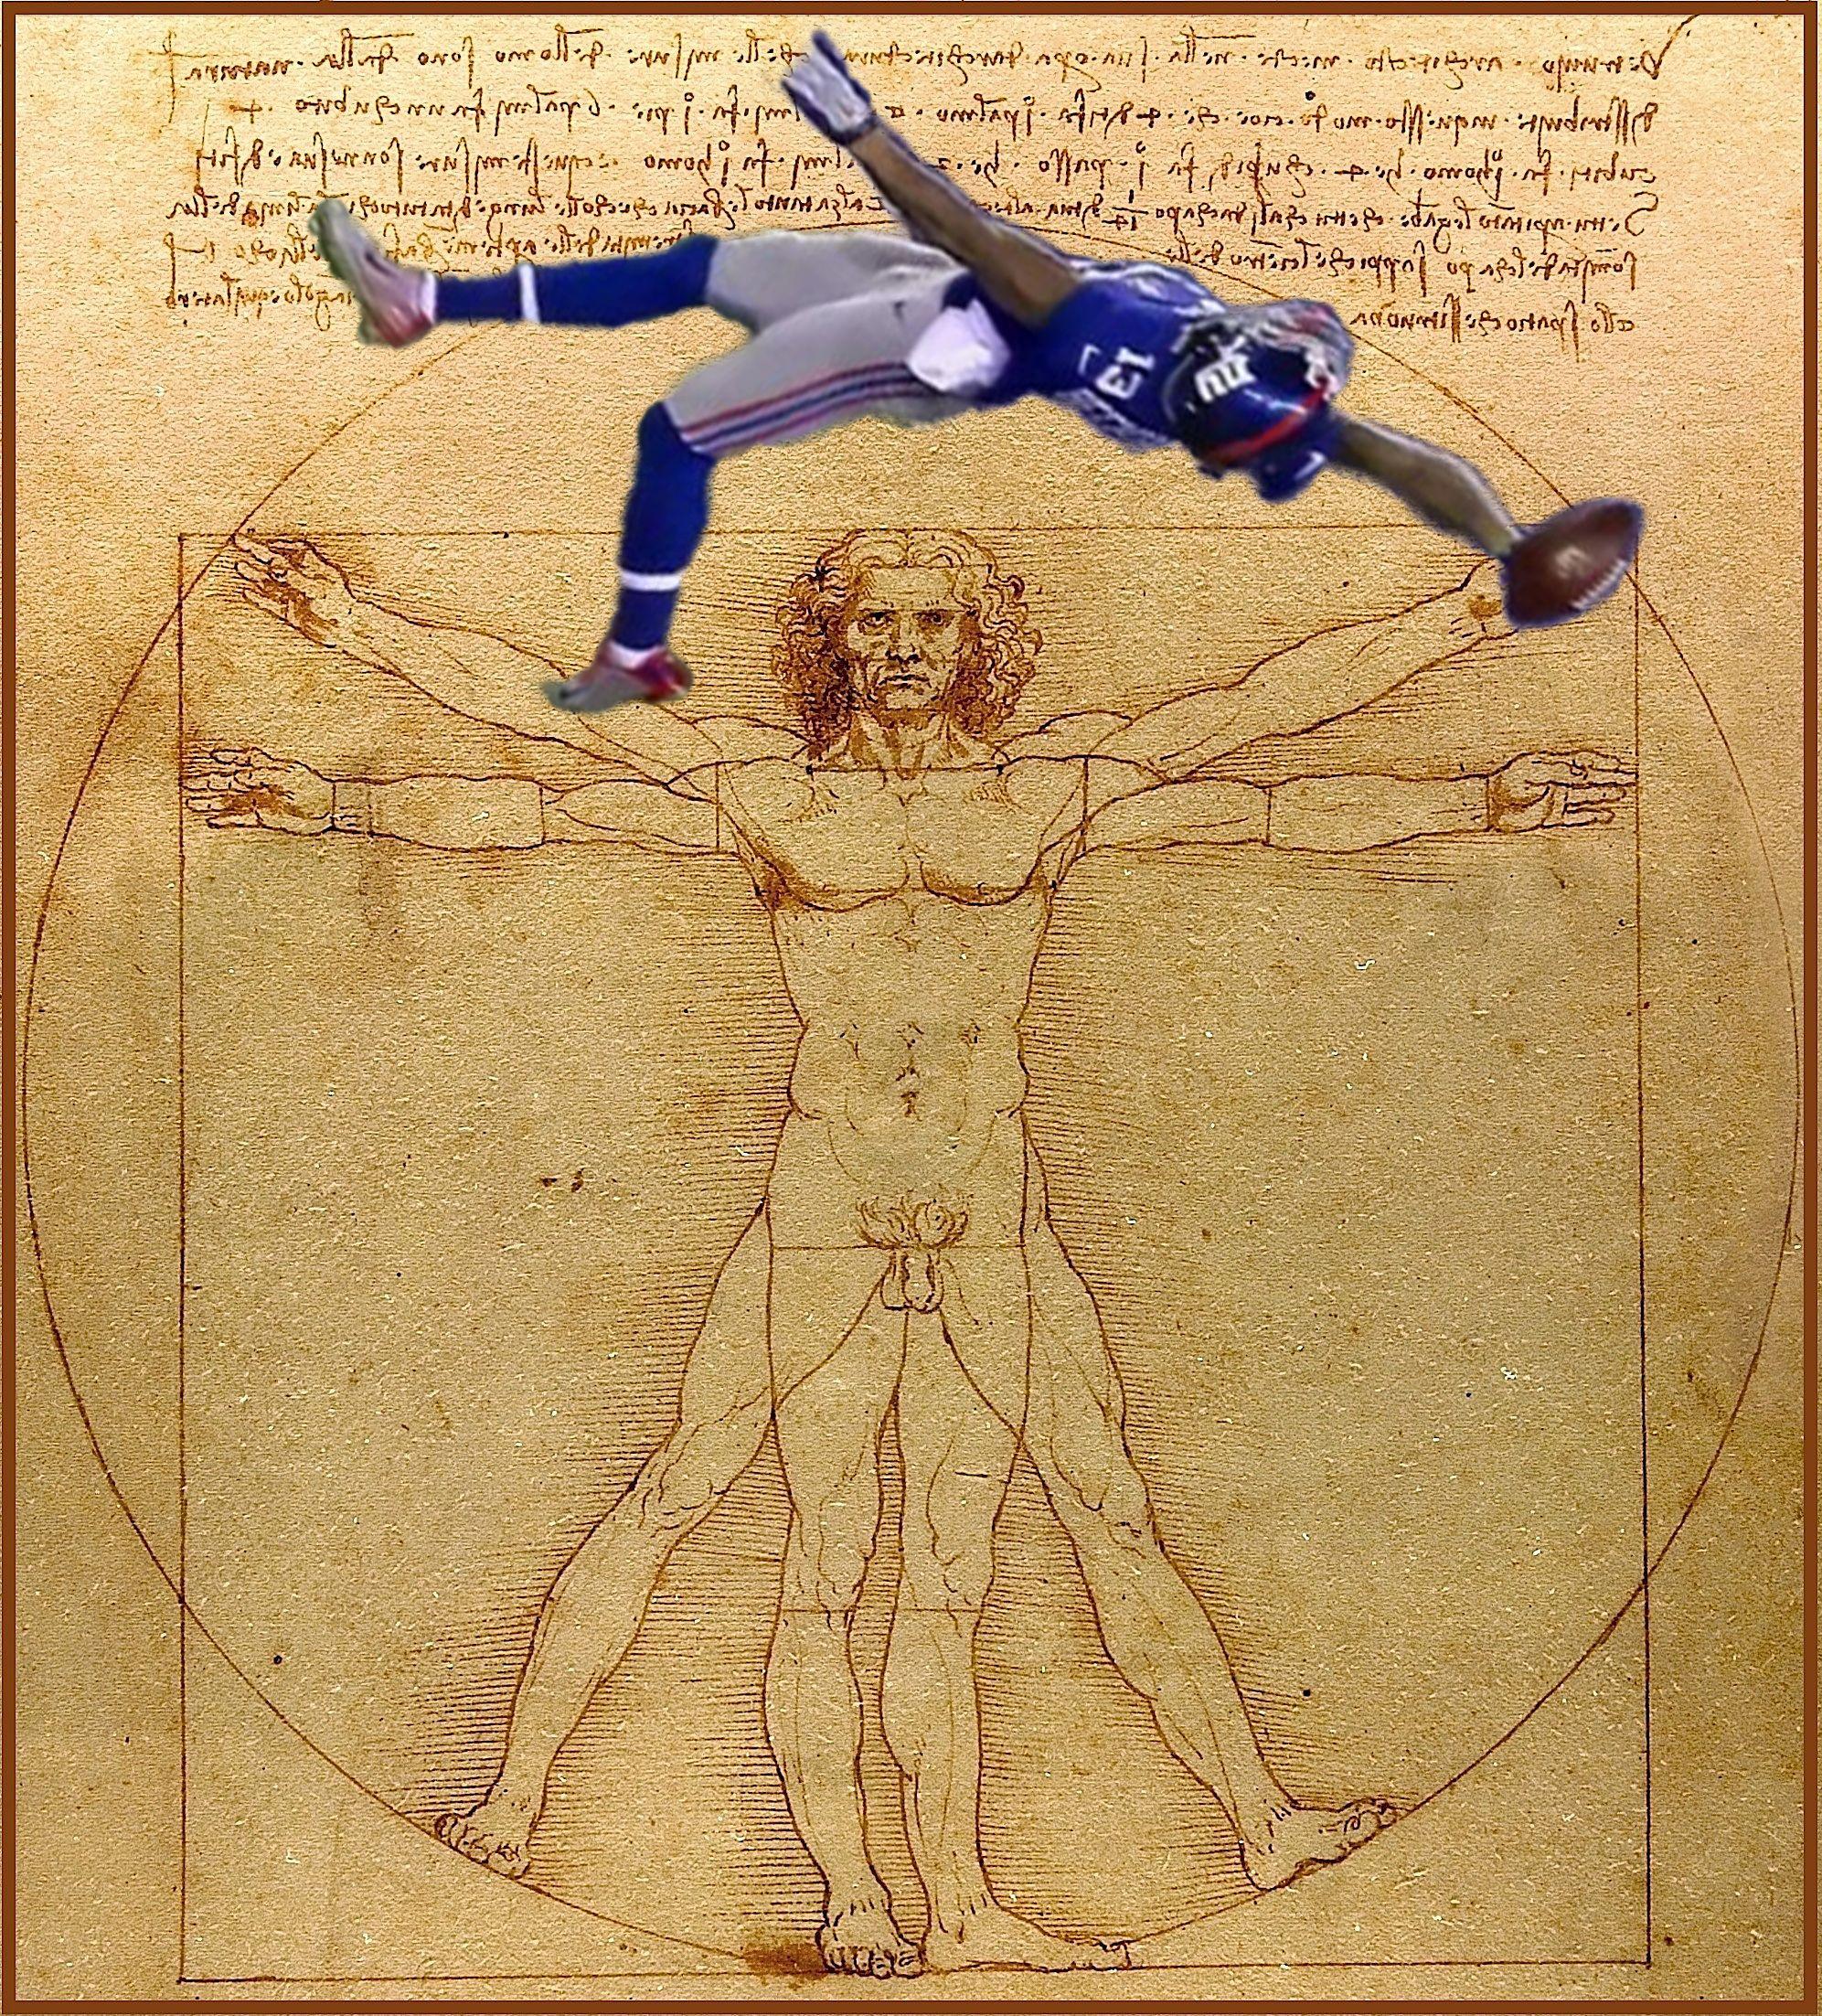 Odell Beckham Jr. Meme. Leonardo Da Vinci